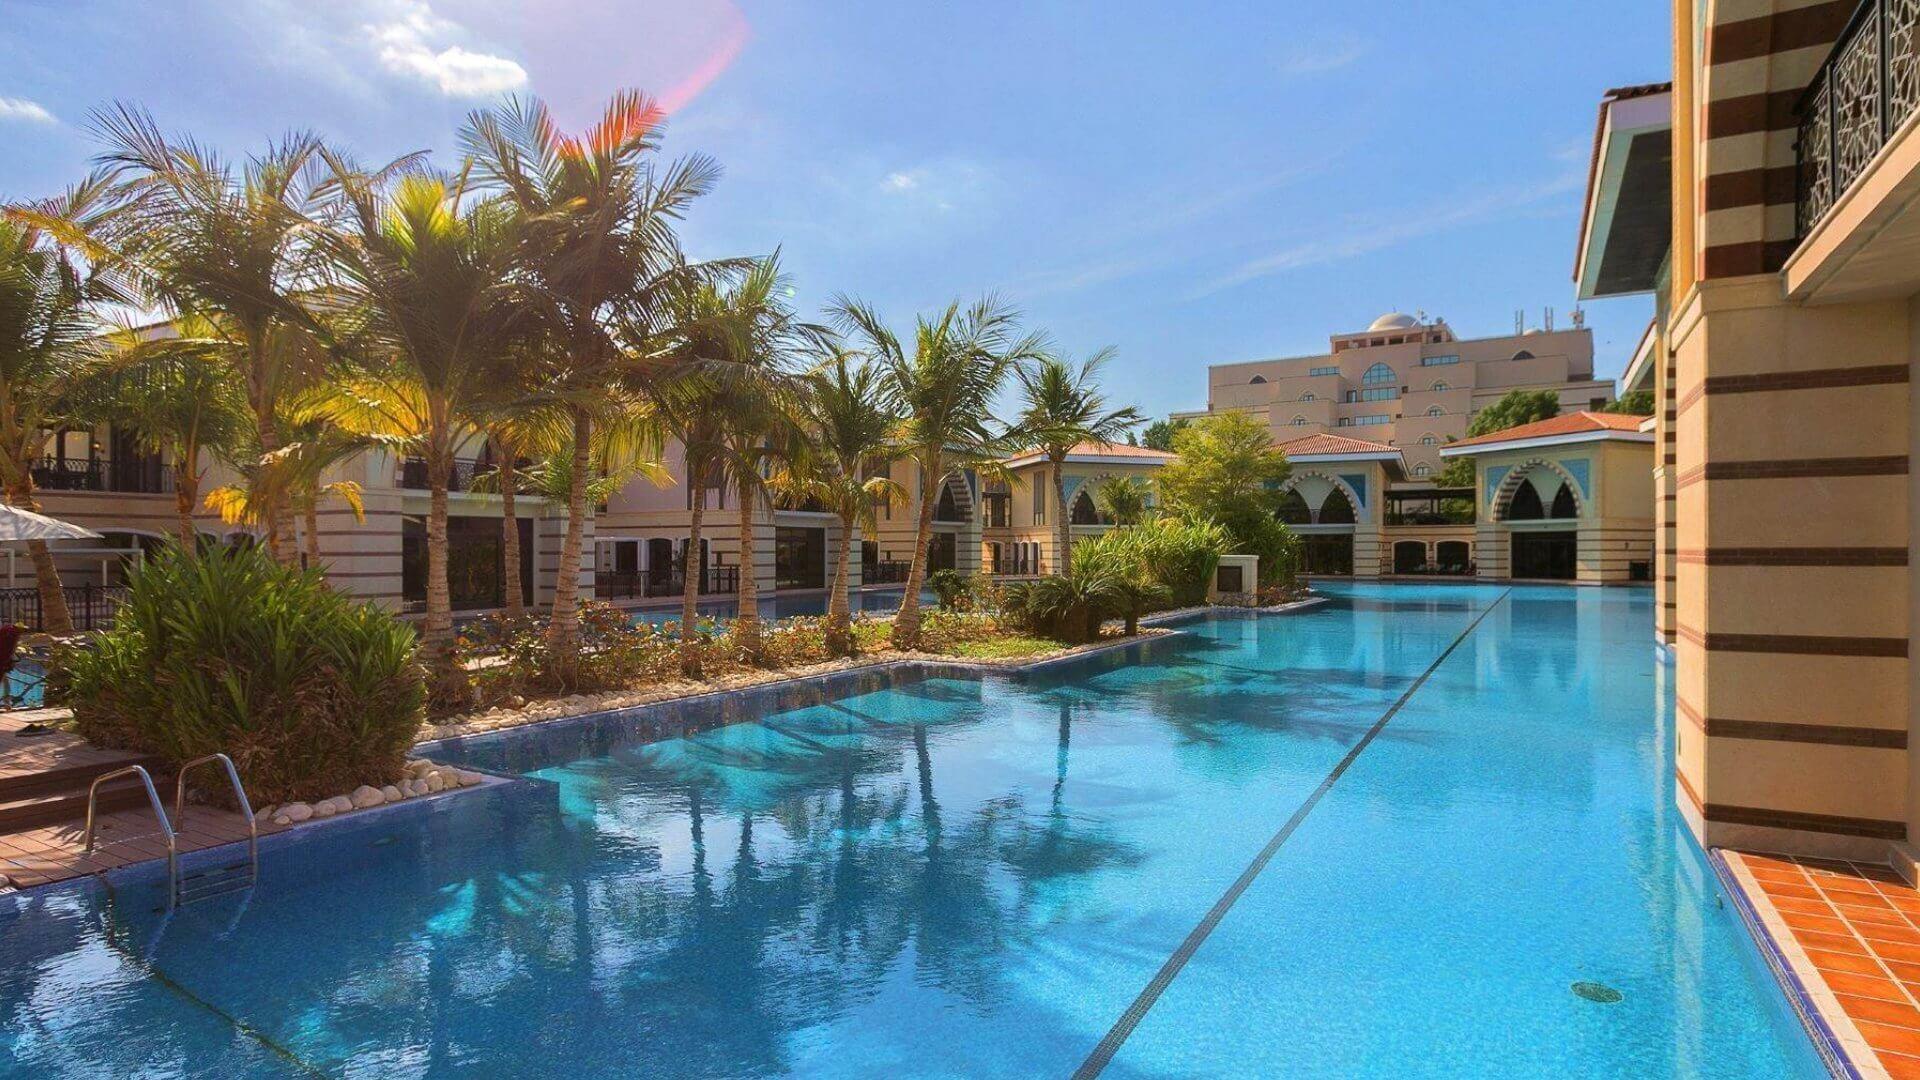 Villa en venta en Dubai, EAU, 7 dormitorios, 1130 m2, № 24351 – foto 4